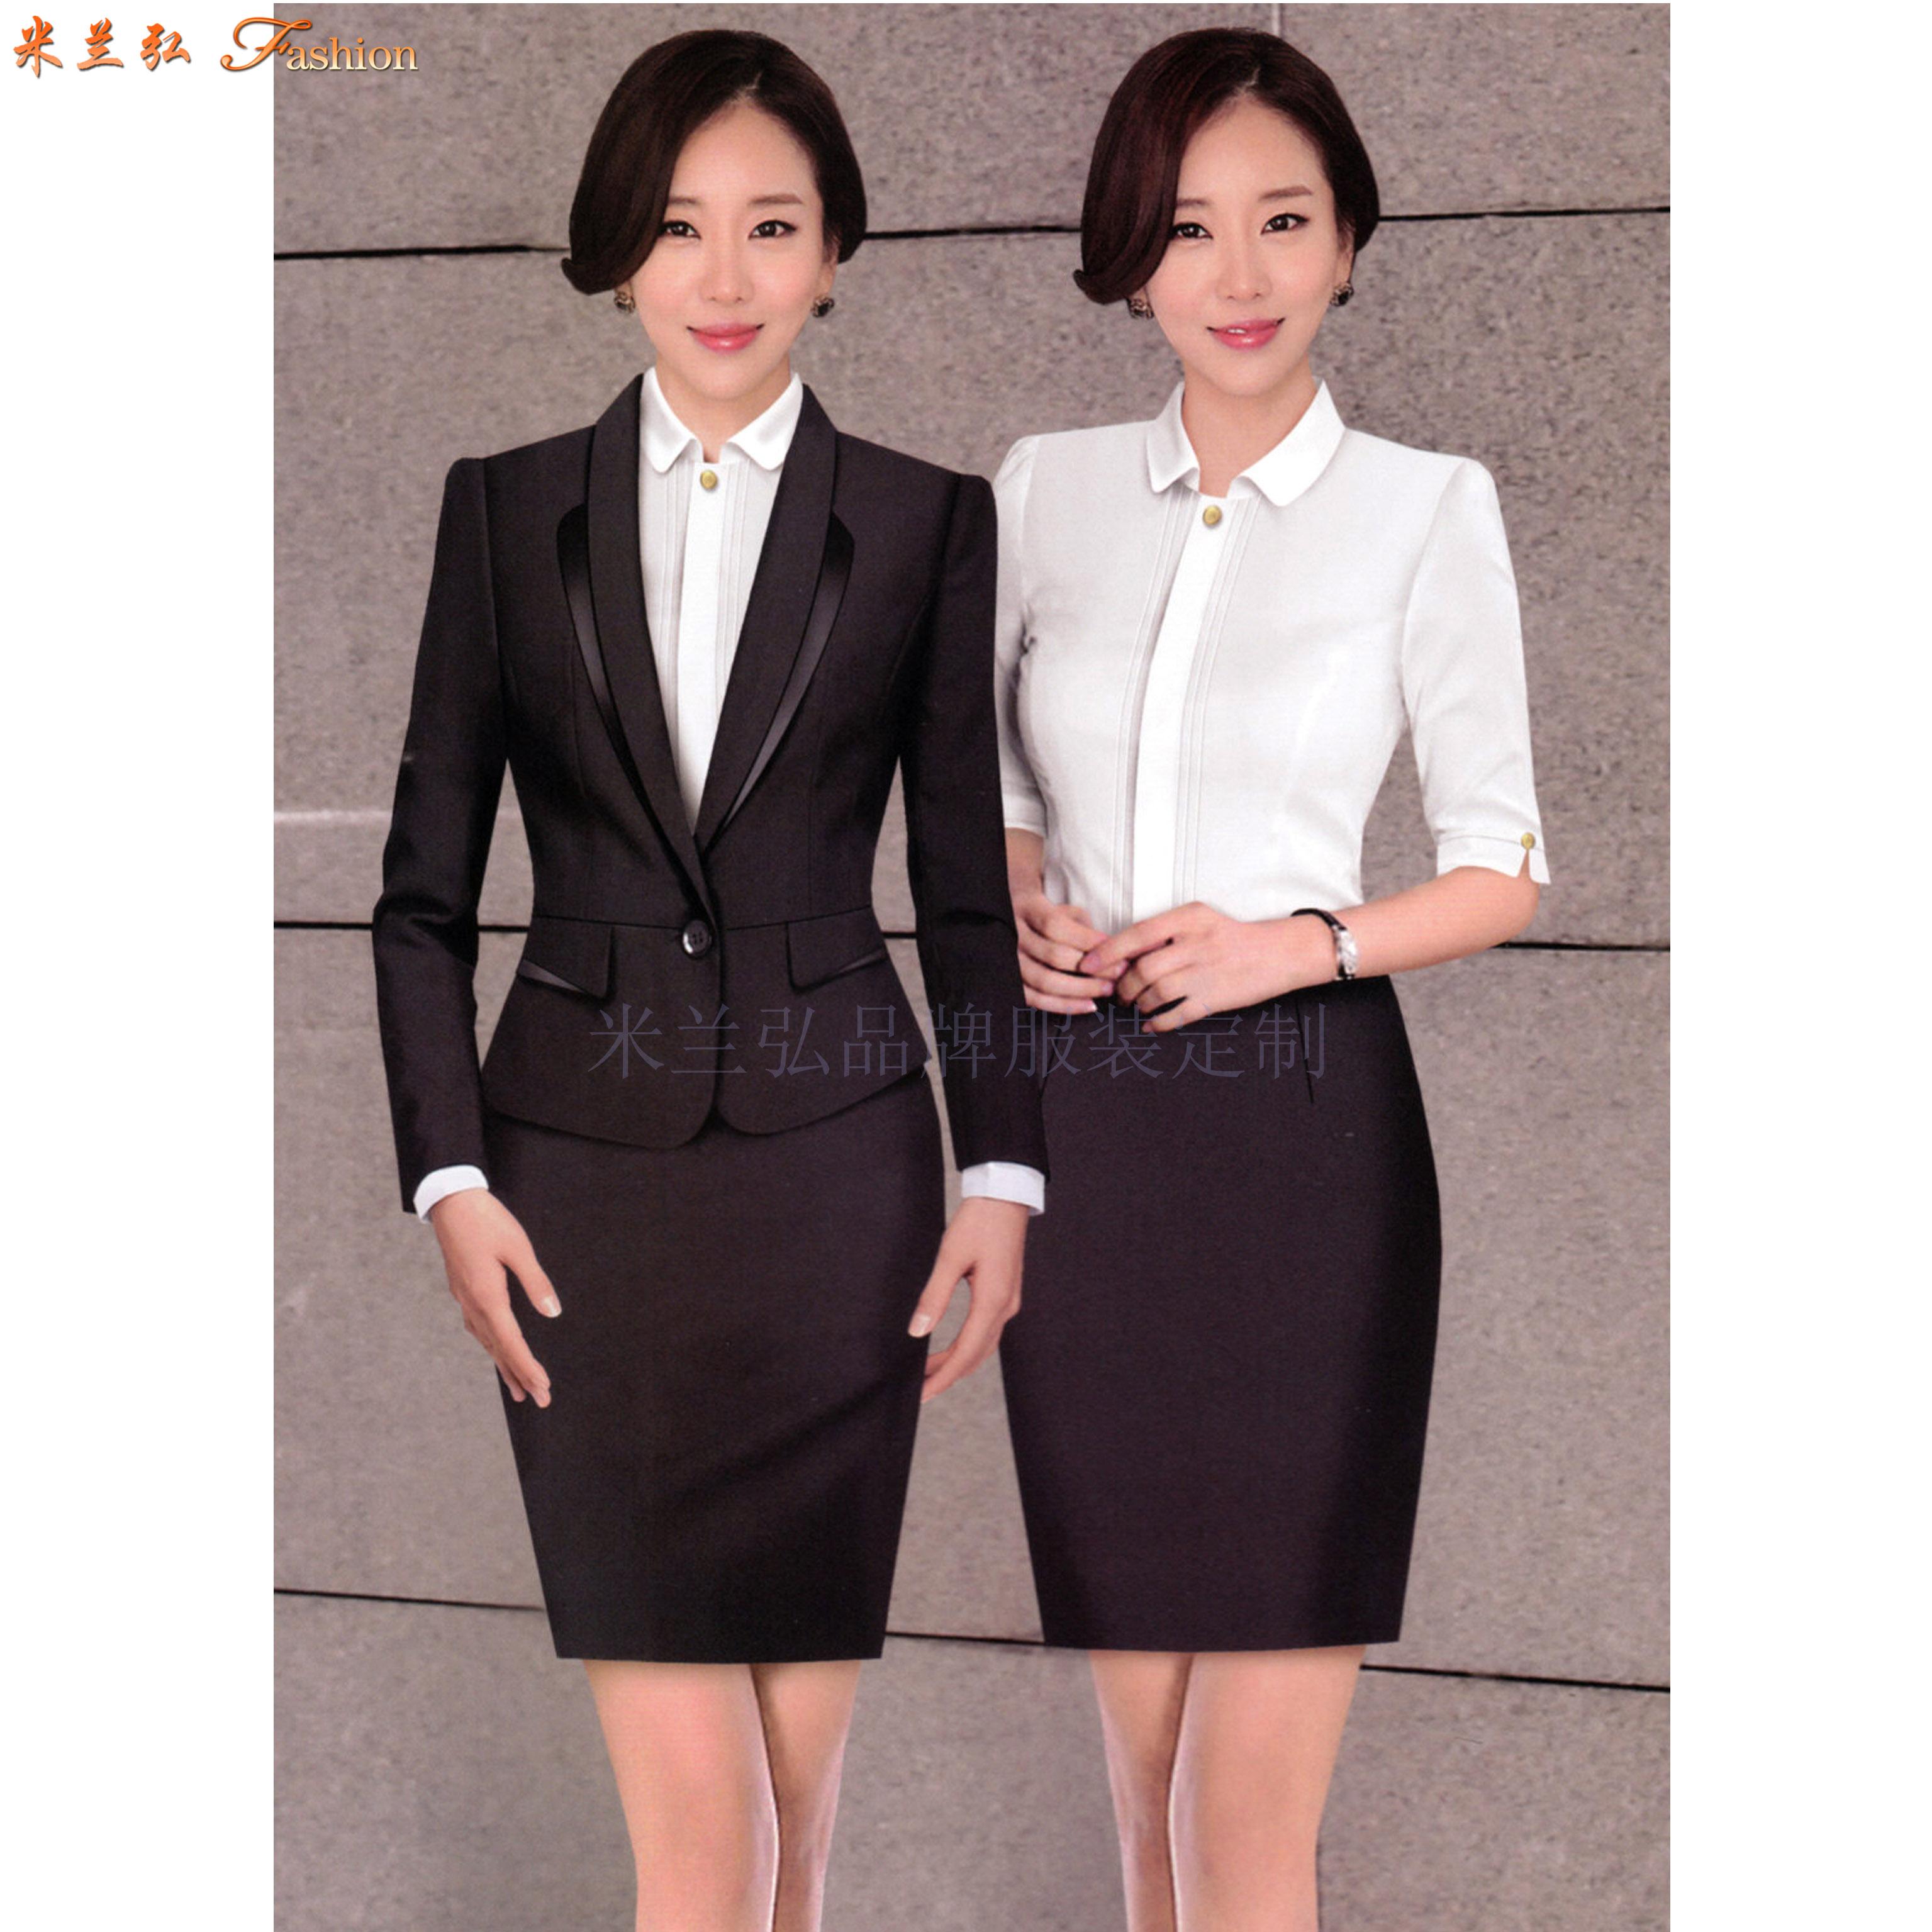 山西职业装厂家,山西时尚职业装定做厂家-5